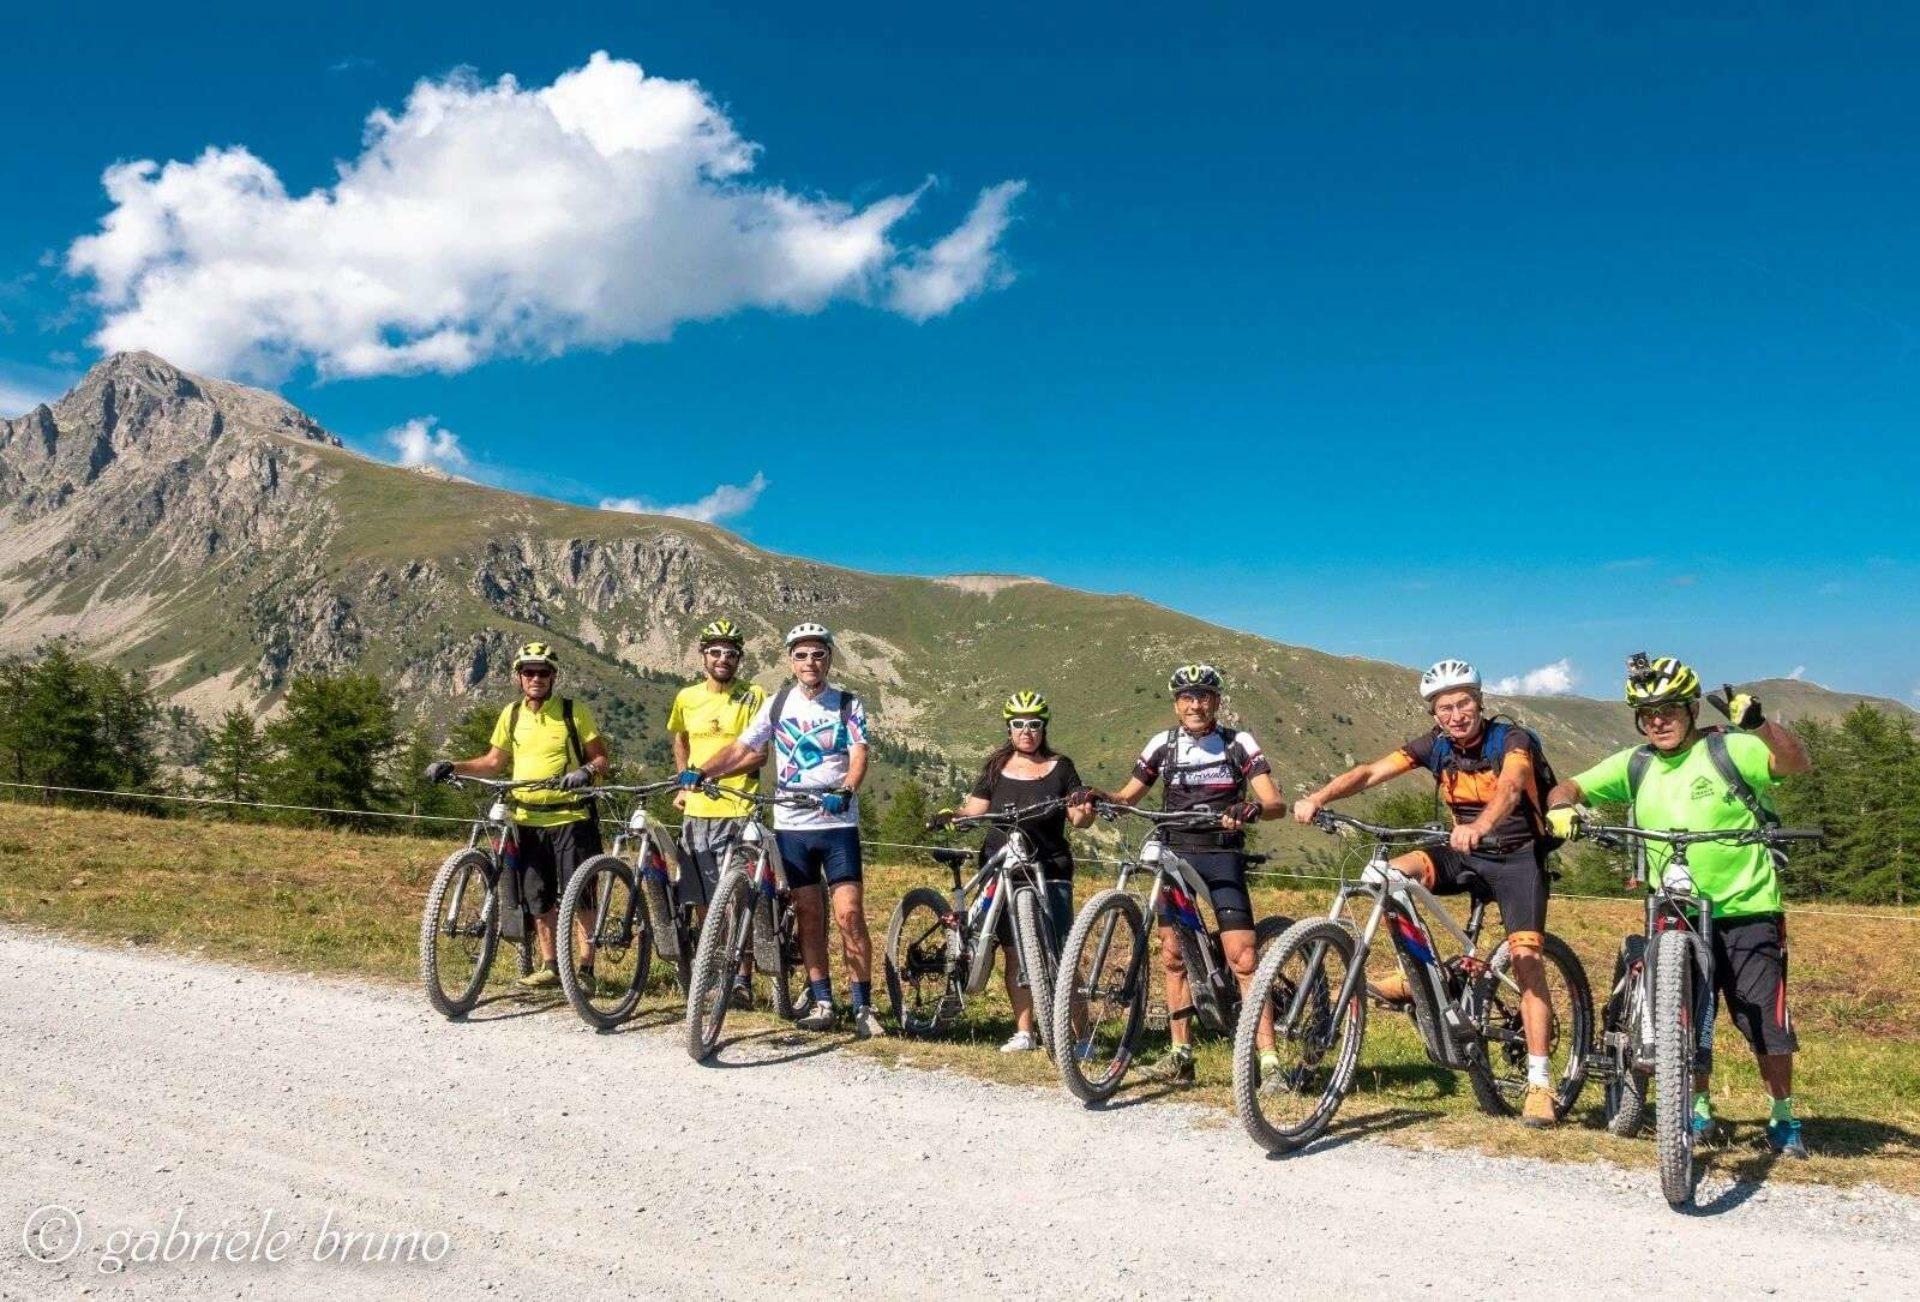 E-bike Piemonte